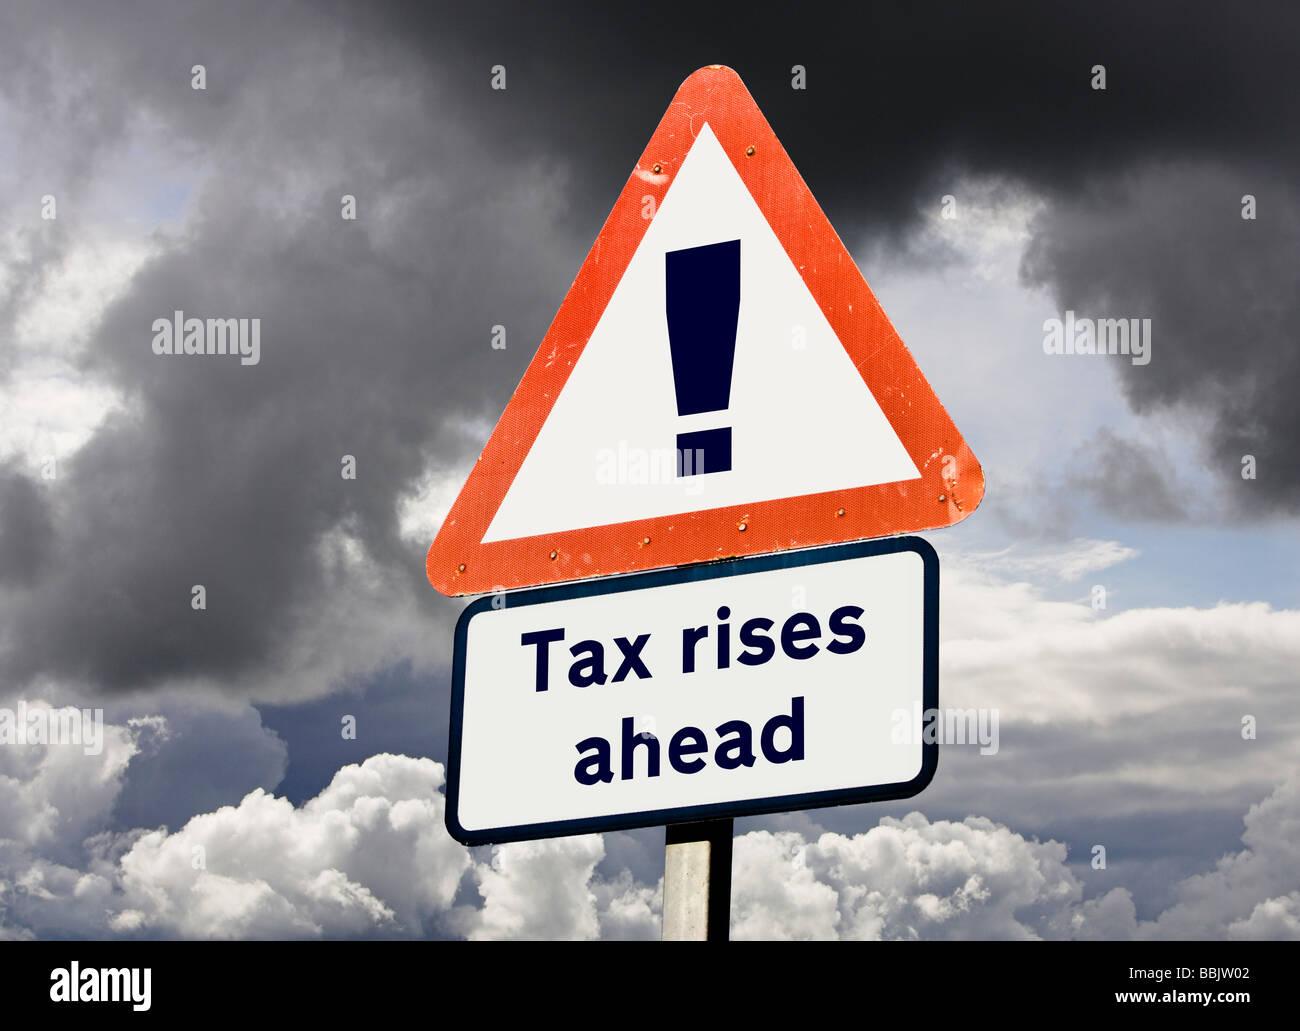 Konzept-Zeichen für britische UK Steuern steigt weiter - Vorhersage der zukünftigen Besteuerung / budget Stockbild